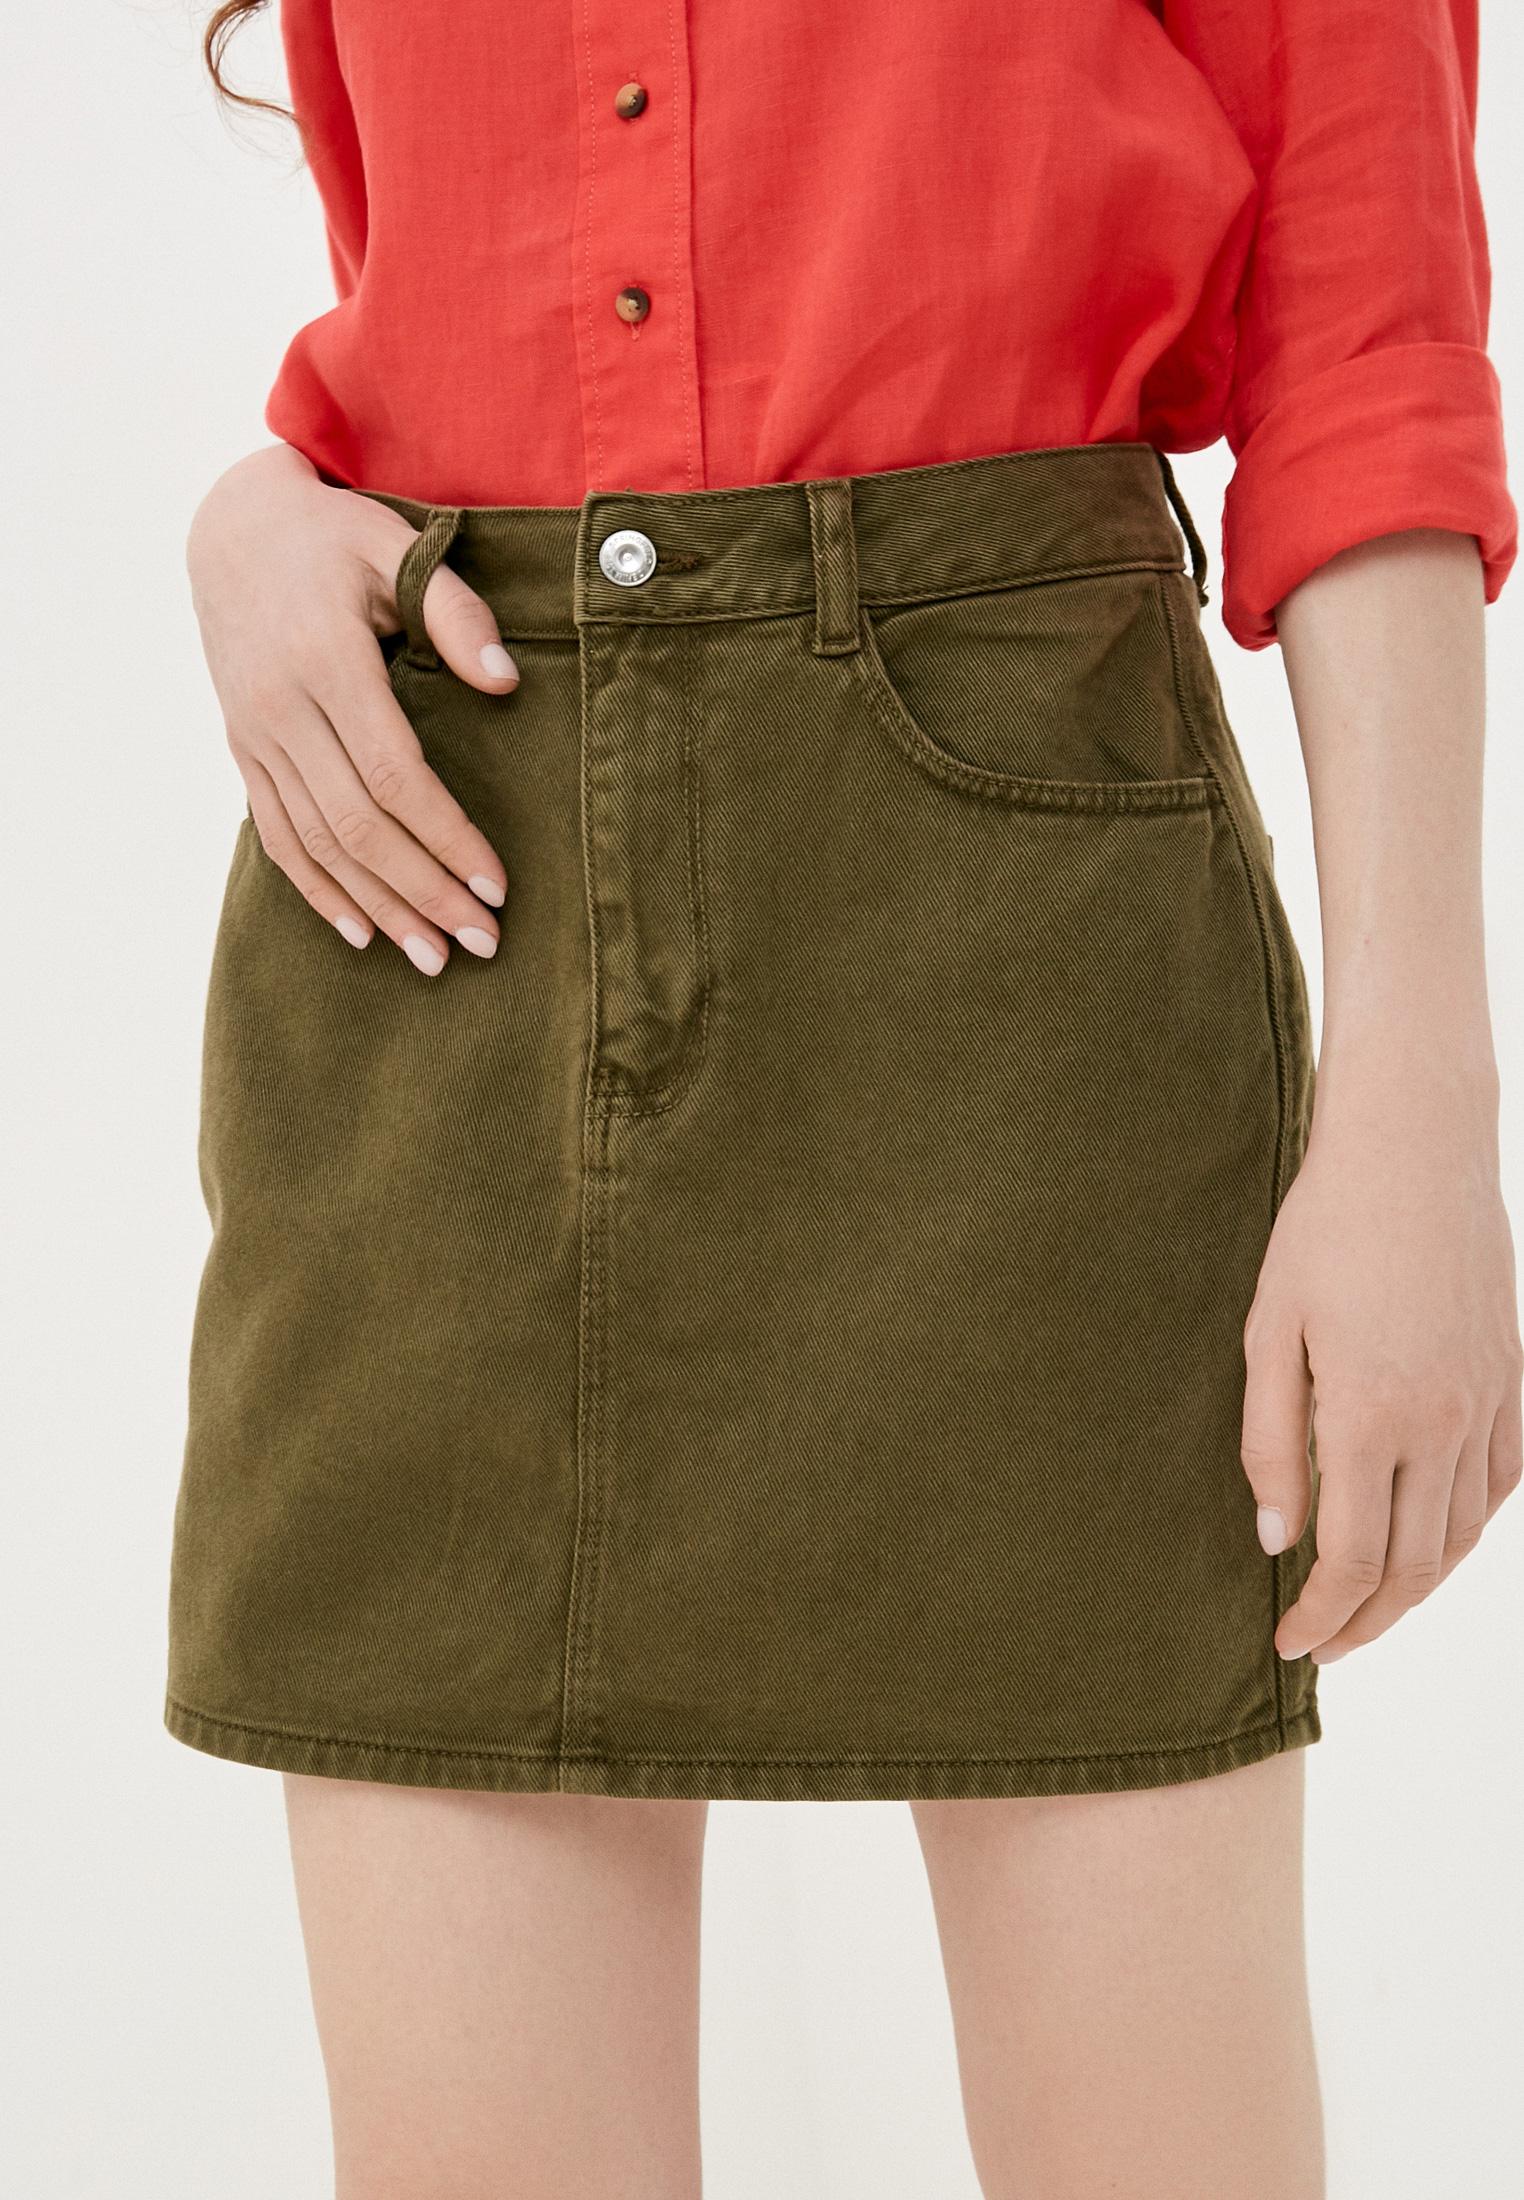 Джинсовая юбка SPRINGFIELD Юбка джинсовая Springfield